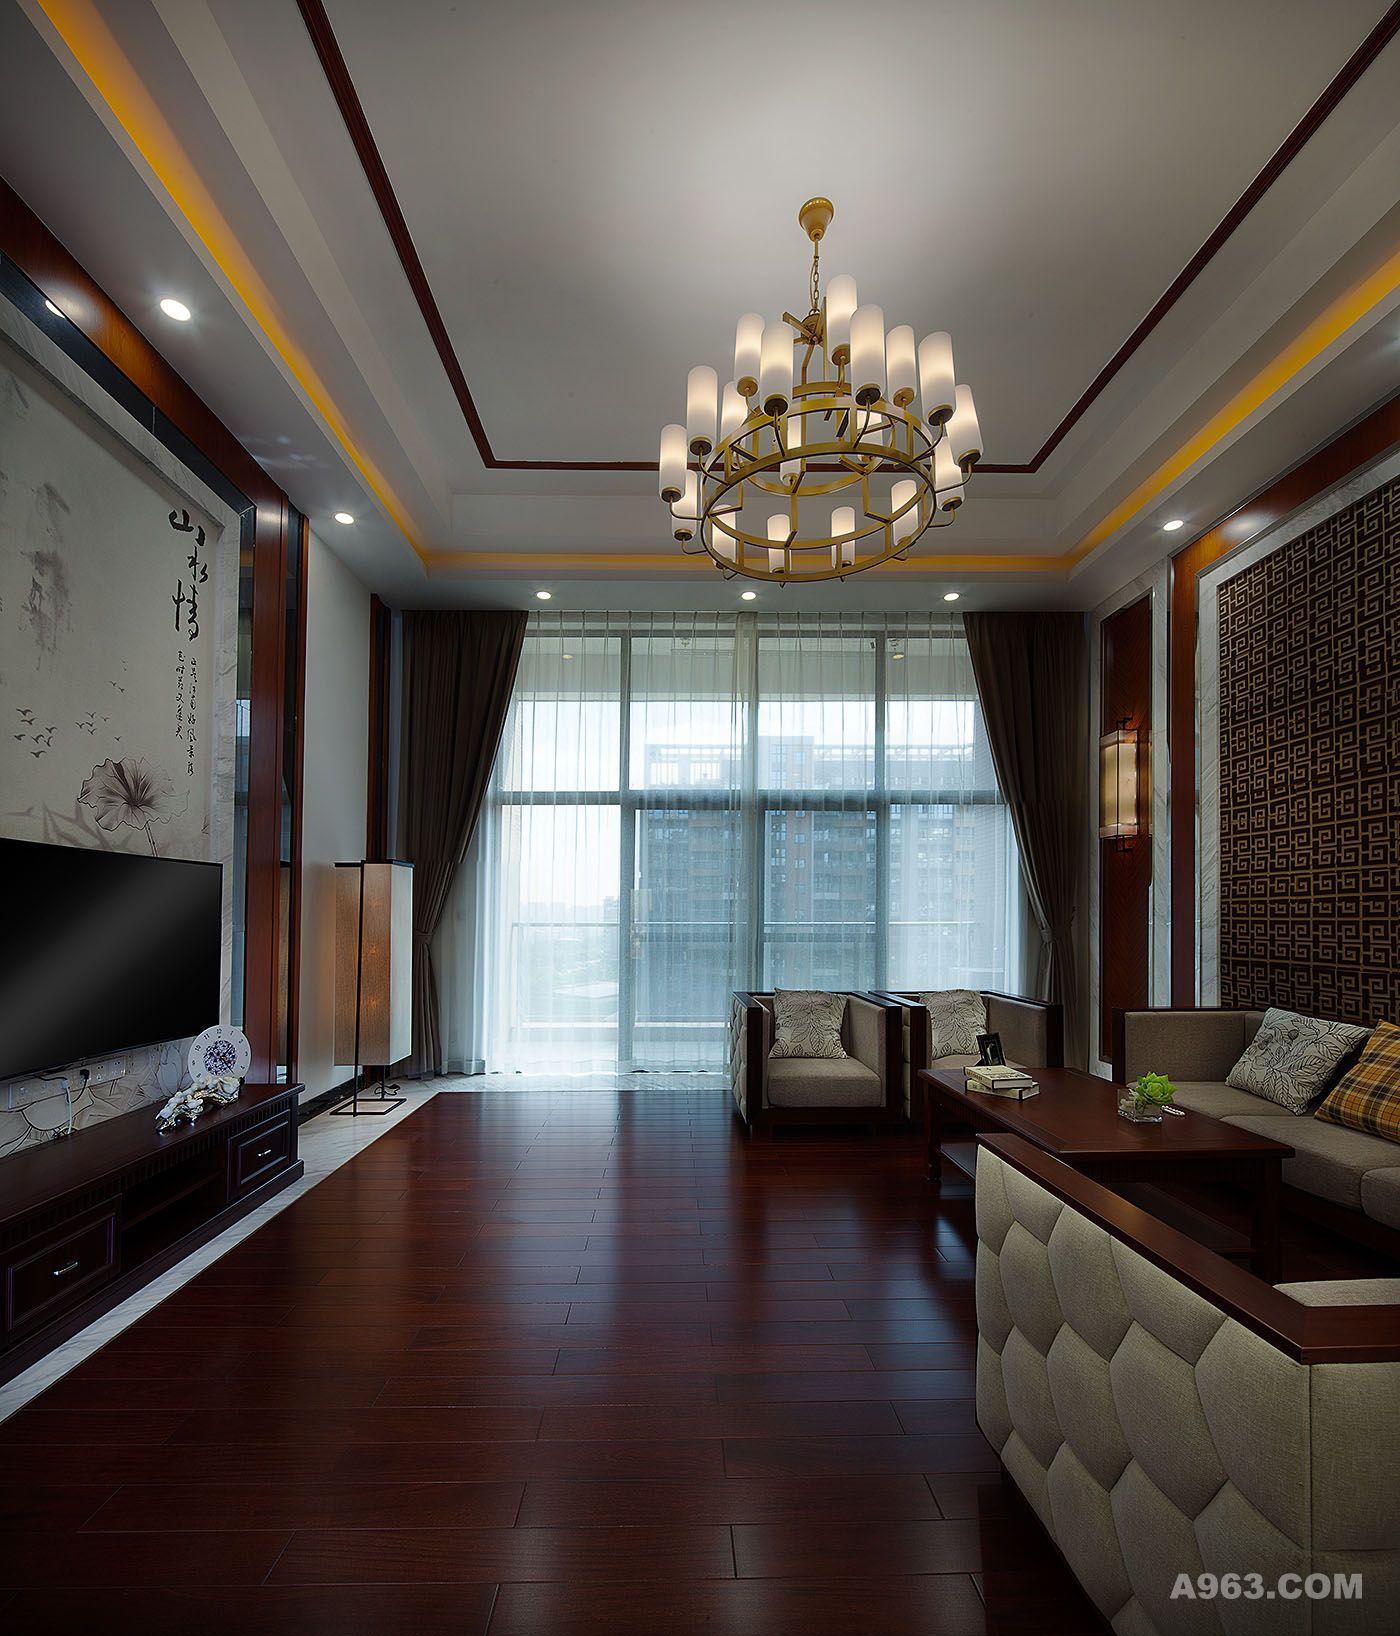 客厅电视主景整体用四条简易木柱排列,两边留白弱化掉门洞的存在,中间